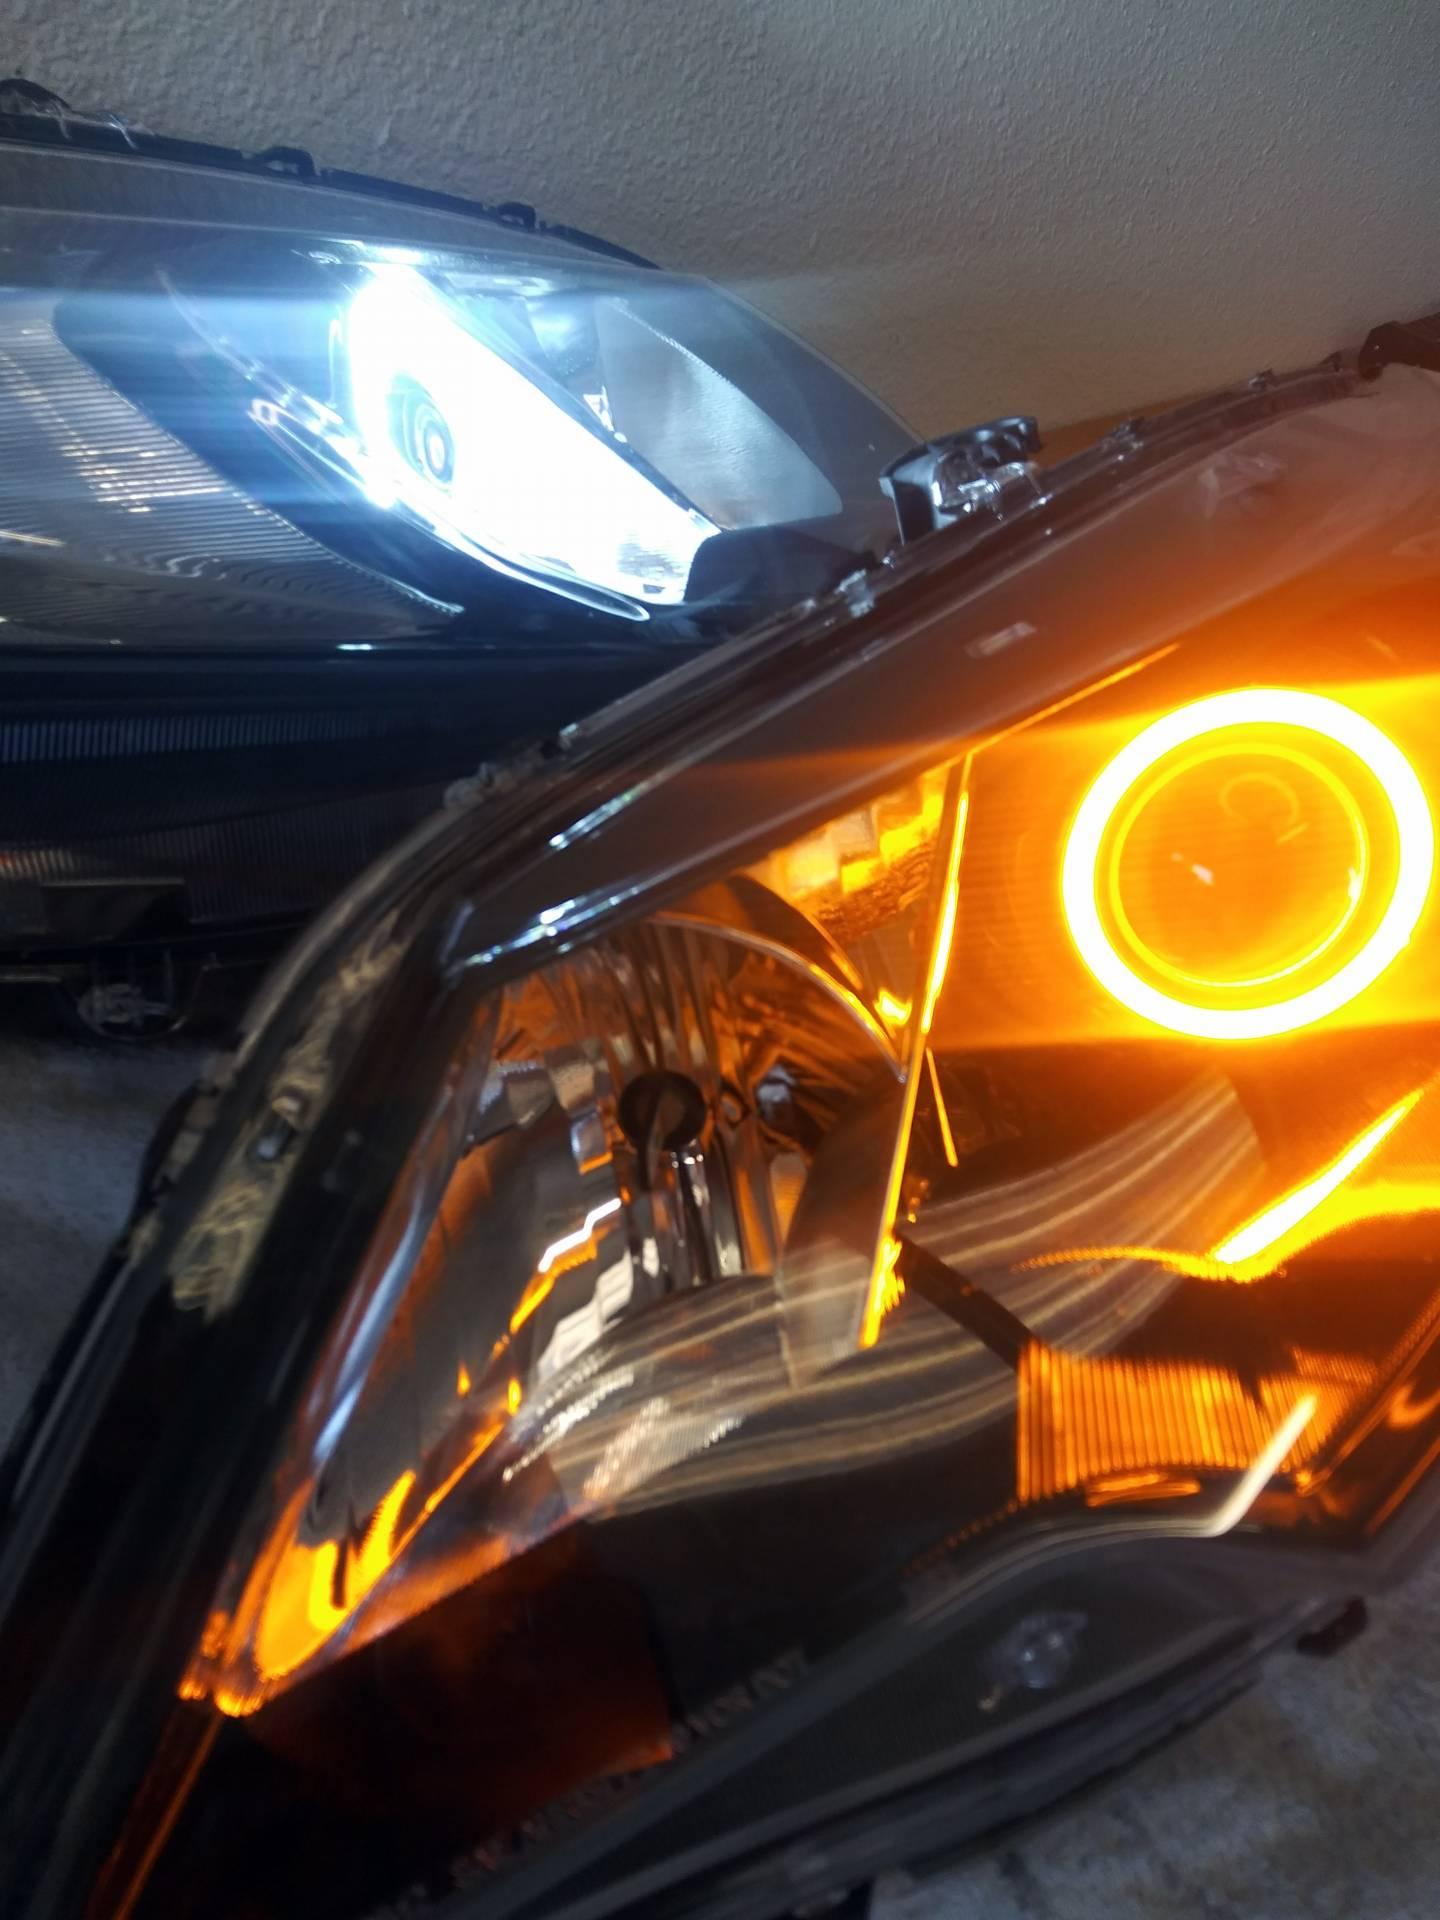 2014 Honda Civic Custom : honda, civic, custom, Frank's, Civic, Thirteen, Superior, Mobile